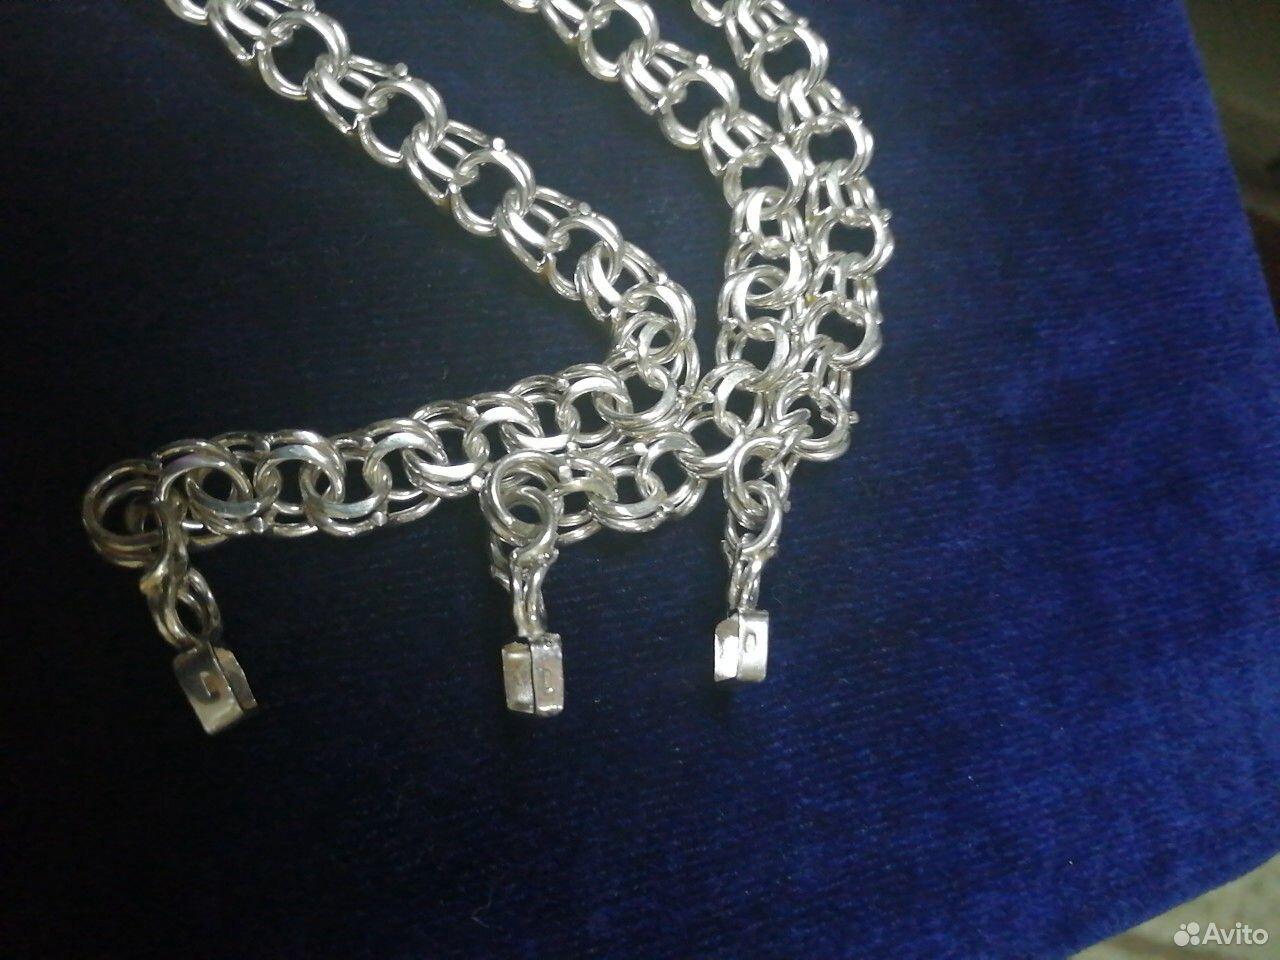 Серебряные браслеты Bismark 925 пробы. Новые от  89118641255 купить 6